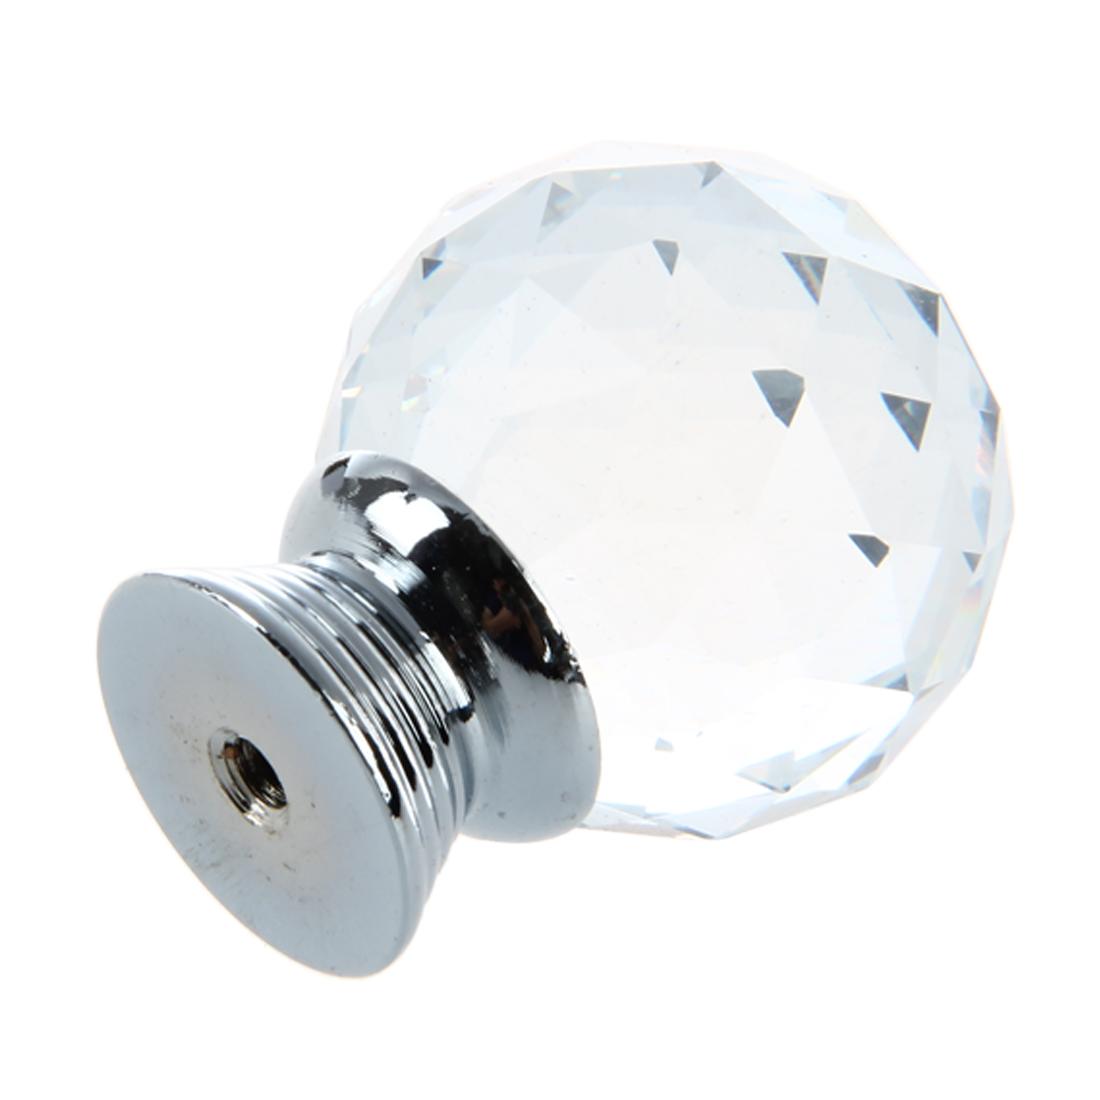 Clear acrylic knobs